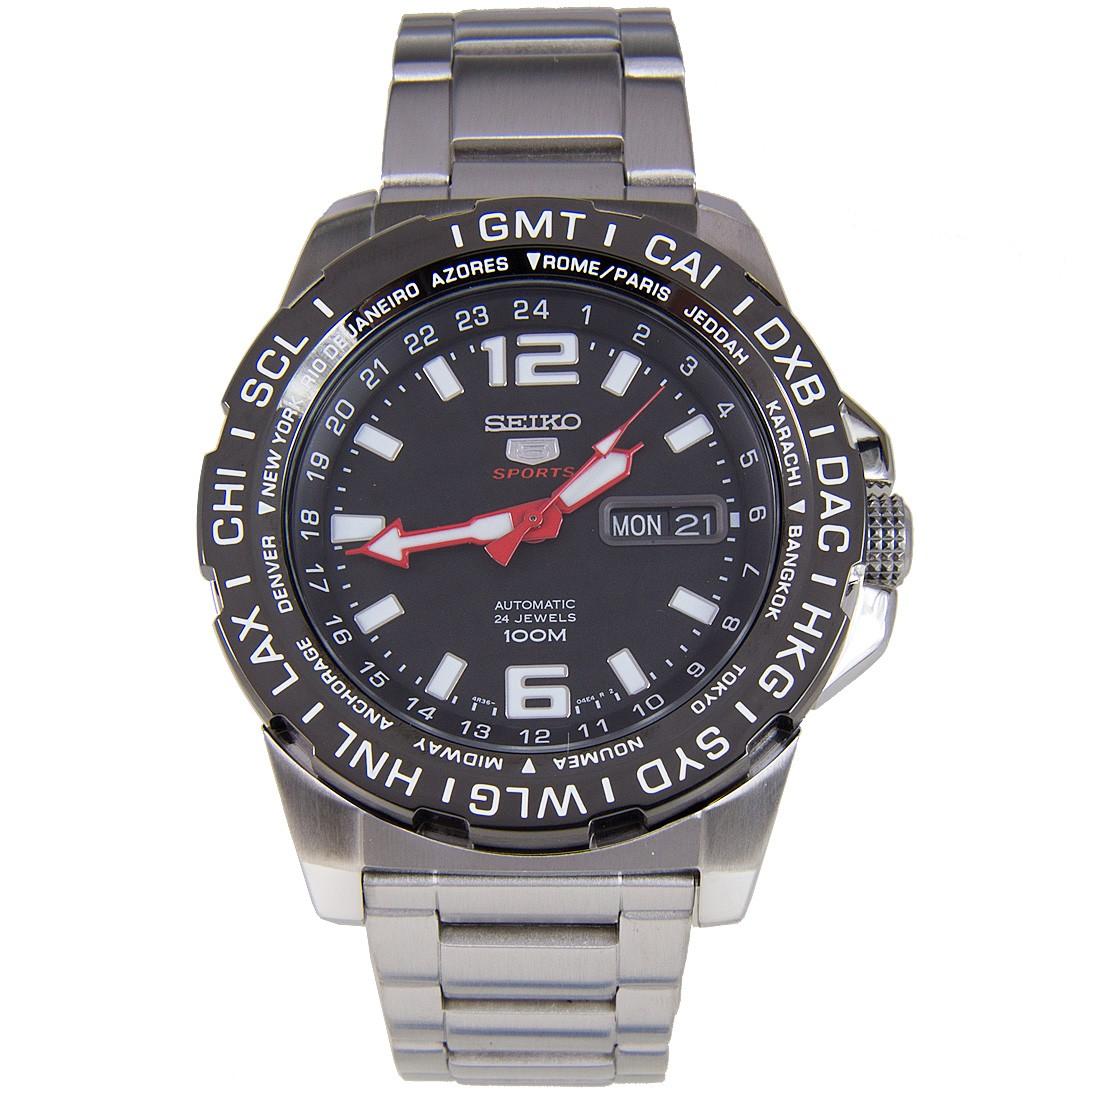 Seiko 5 Sports Automatic Watch SRP685K1